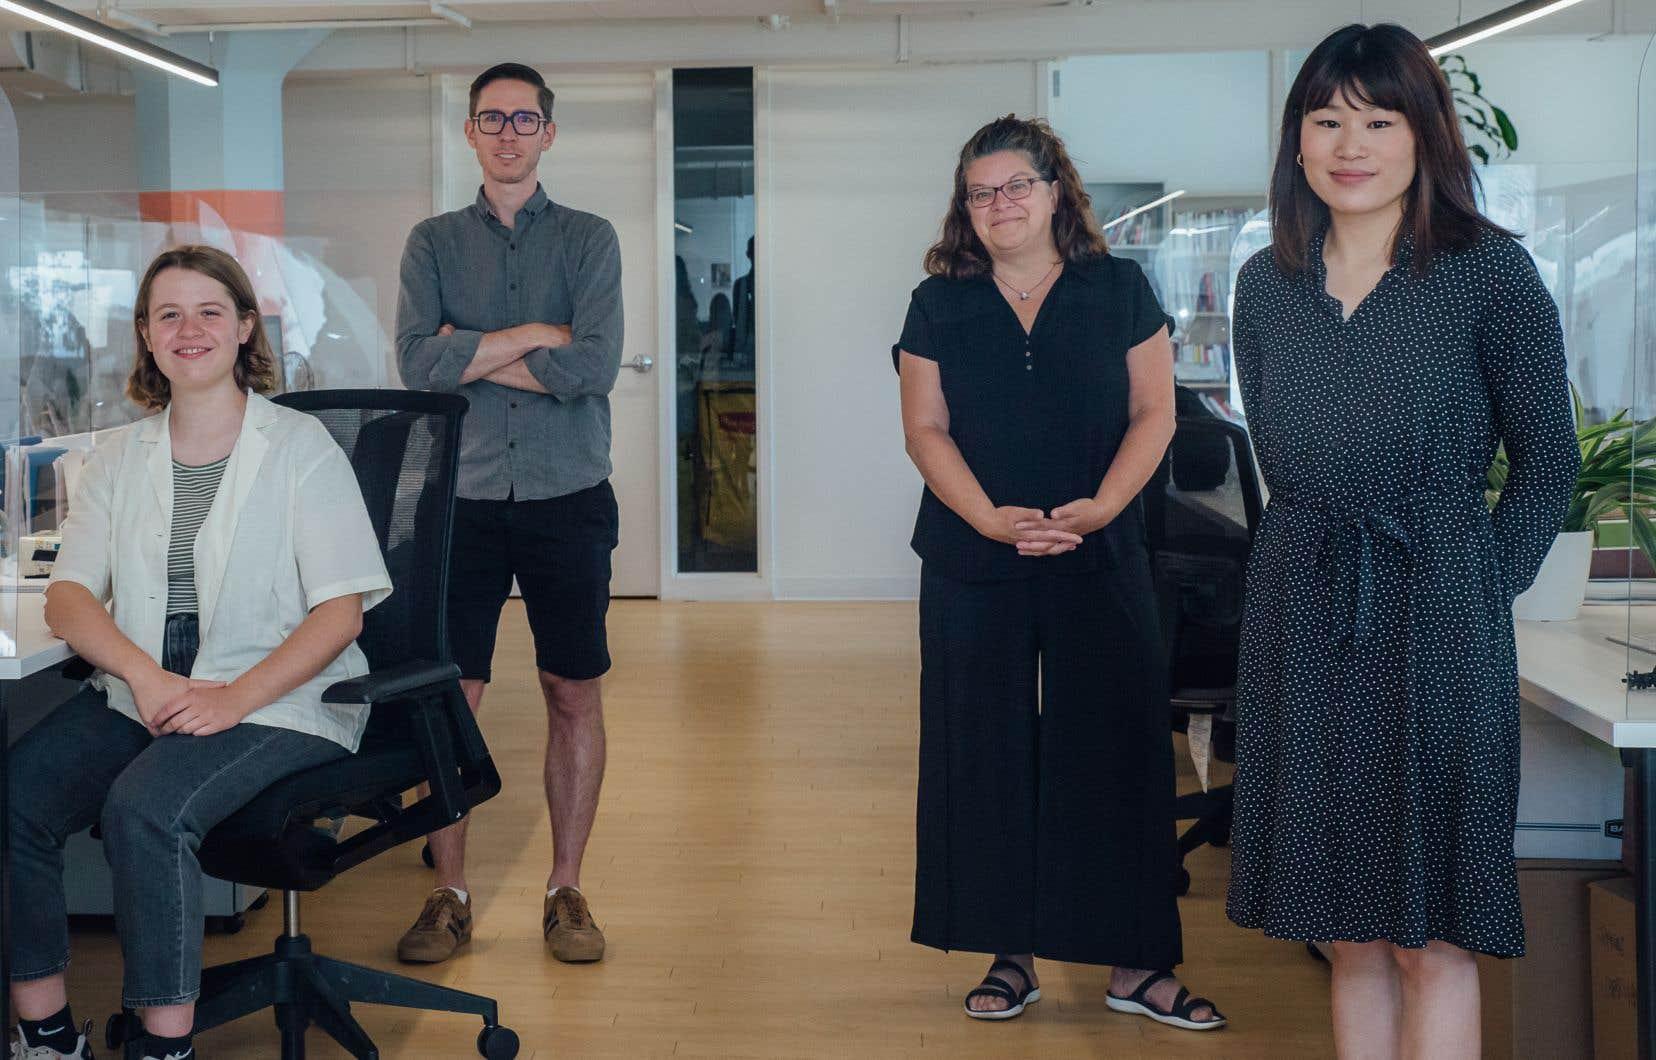 Deux des nouvelles stagiaires du «Devoir», Myriam Boulianne (à droite) et Lise Denis (à gauche), dans la salle de rédaction, en compagnie du journaliste Philippe Papineau et de la rédactrice en chef, Marie-Andrée Chouinard.